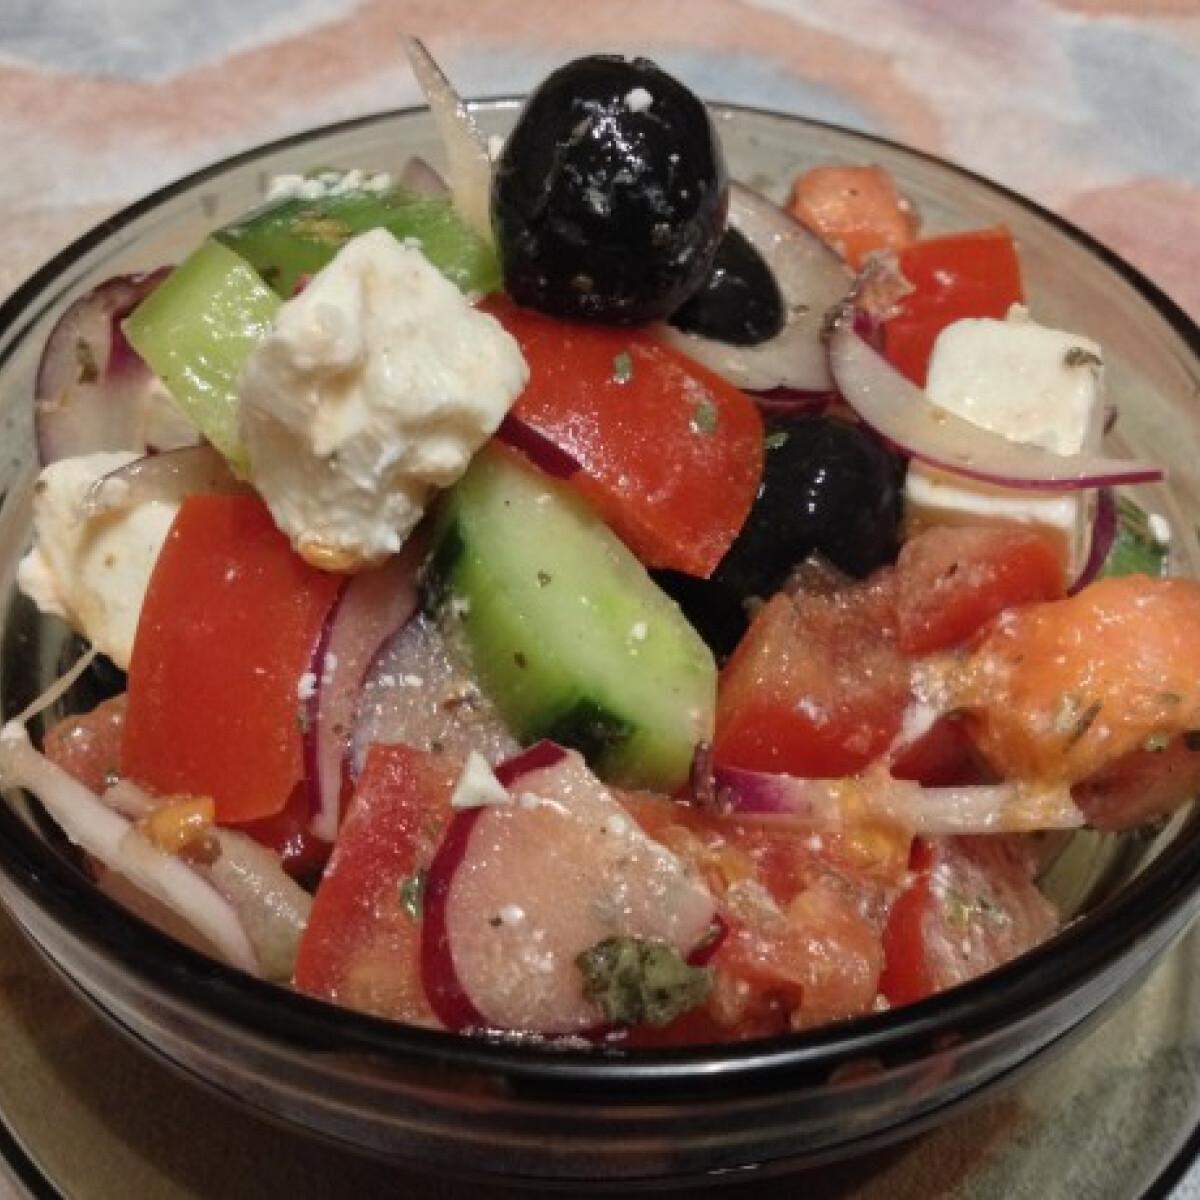 Ezen a képen: Pikáns Görög saláta - Görög Saláta 3. - csípős paprikával